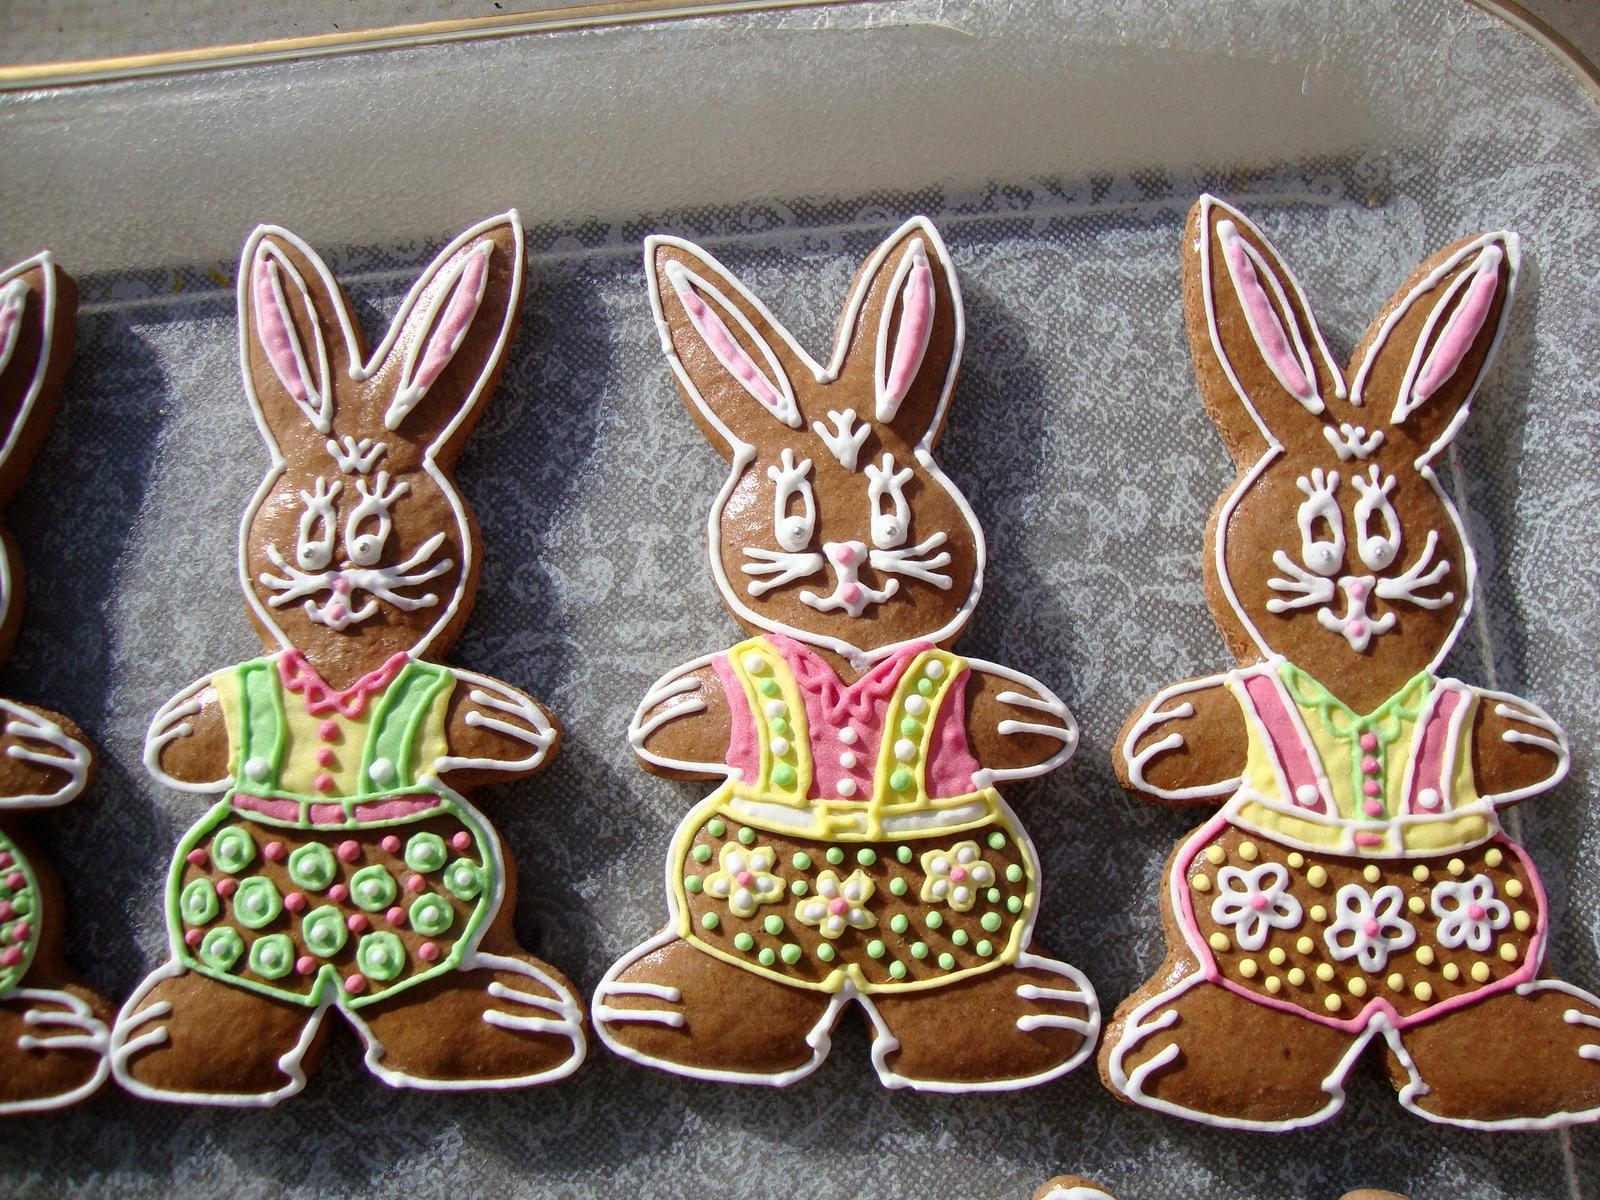 Krásné Velikonoce všem! - Obrázek č. 3